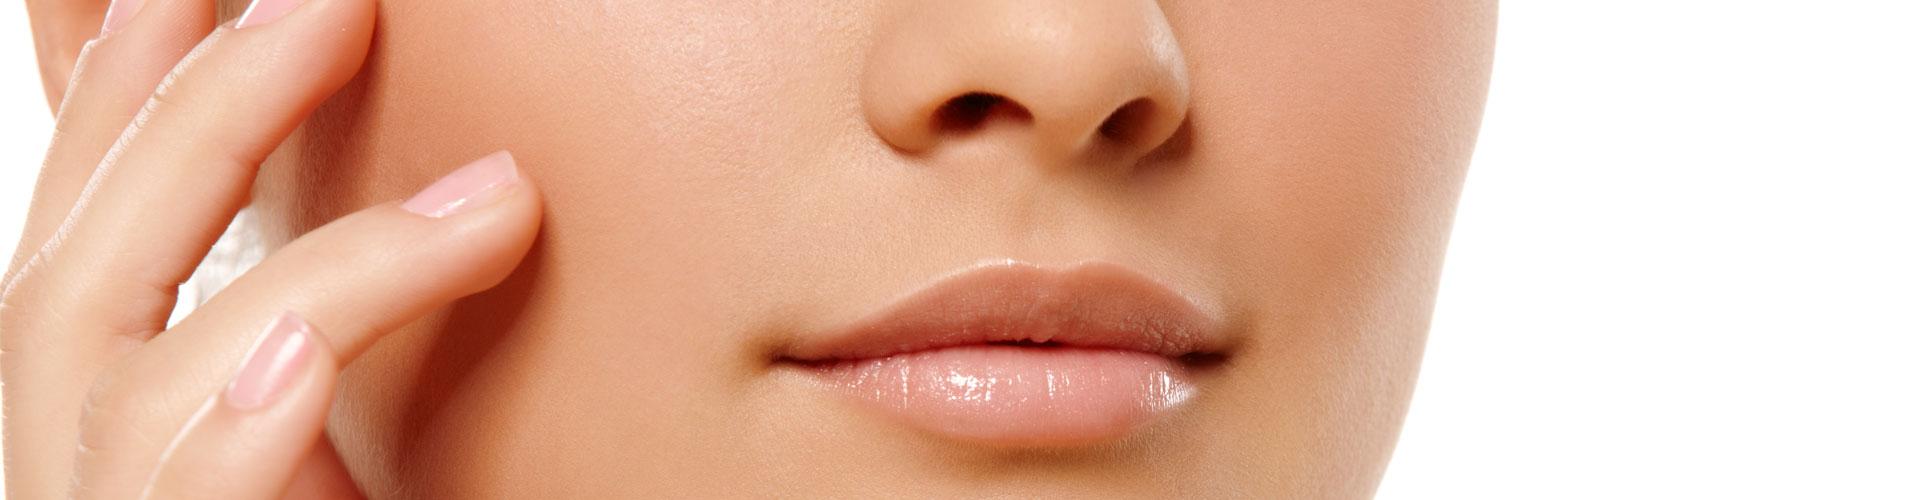 Curso de Harmonização facial -   PRP, PRF, Microagulhamento e Redução Gordura Submentoniana